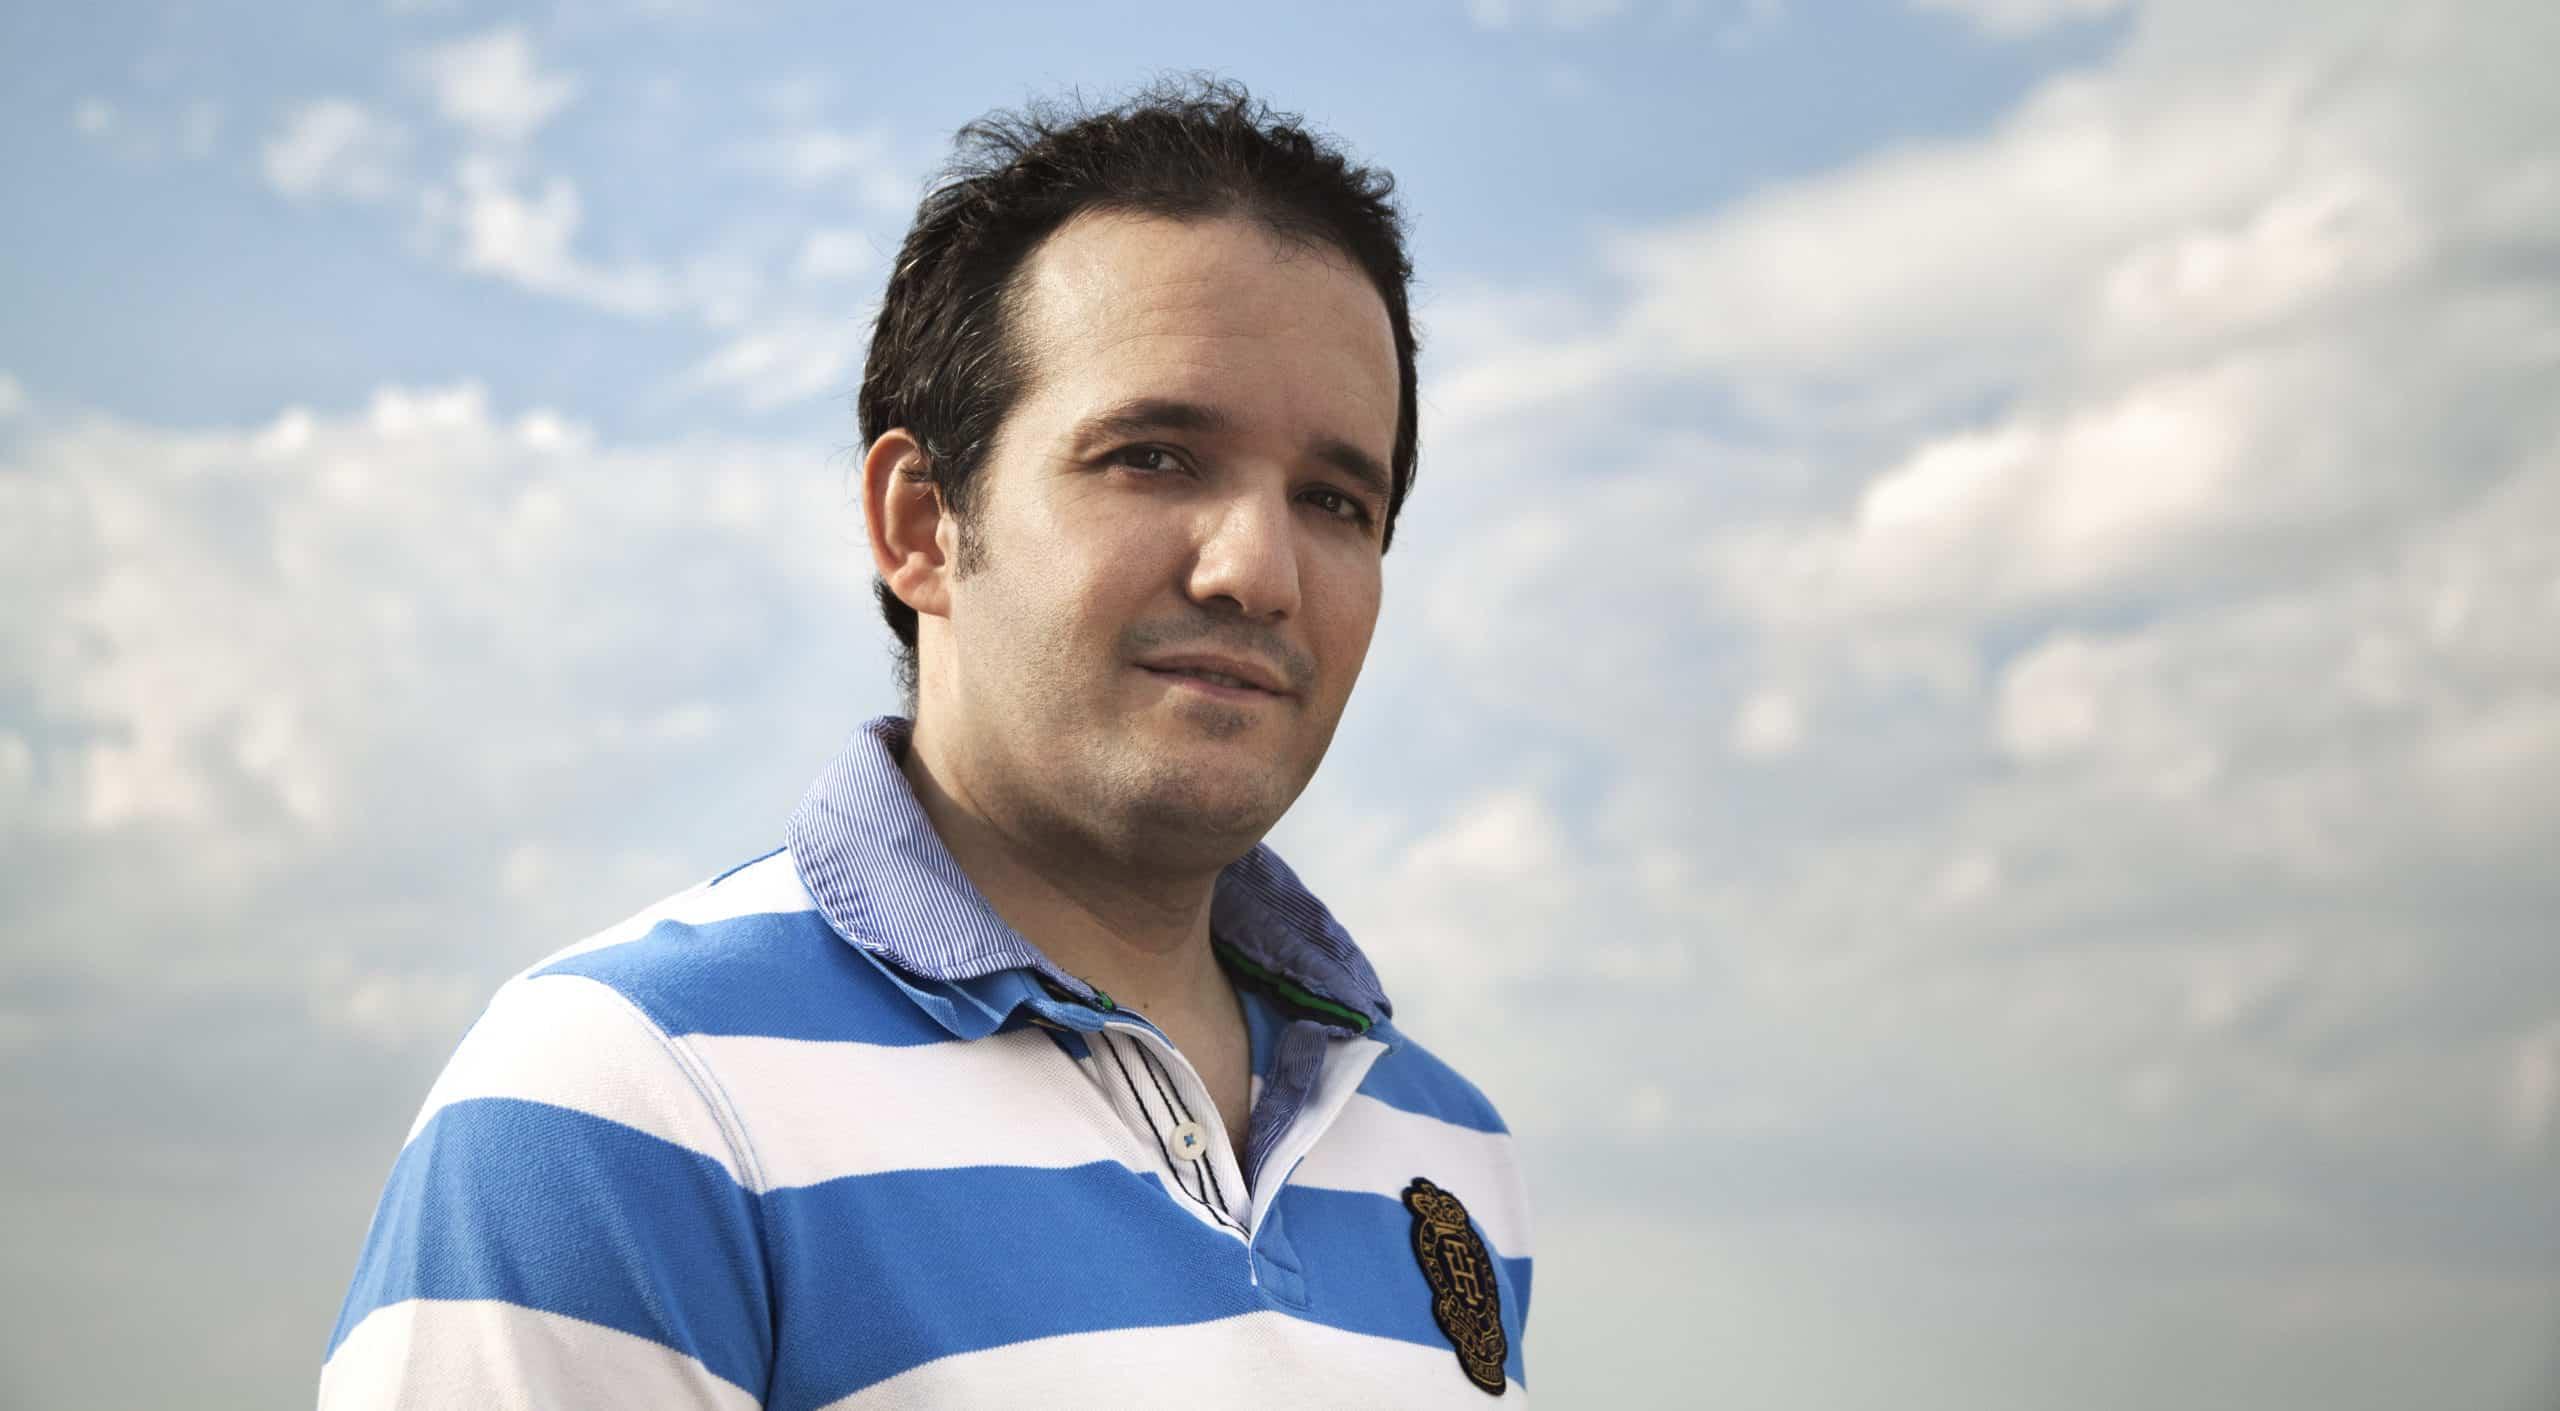 El herenciano David Carrero invierte con Automattic, creadores de WordPress.com, en la plataforma Frontity 7